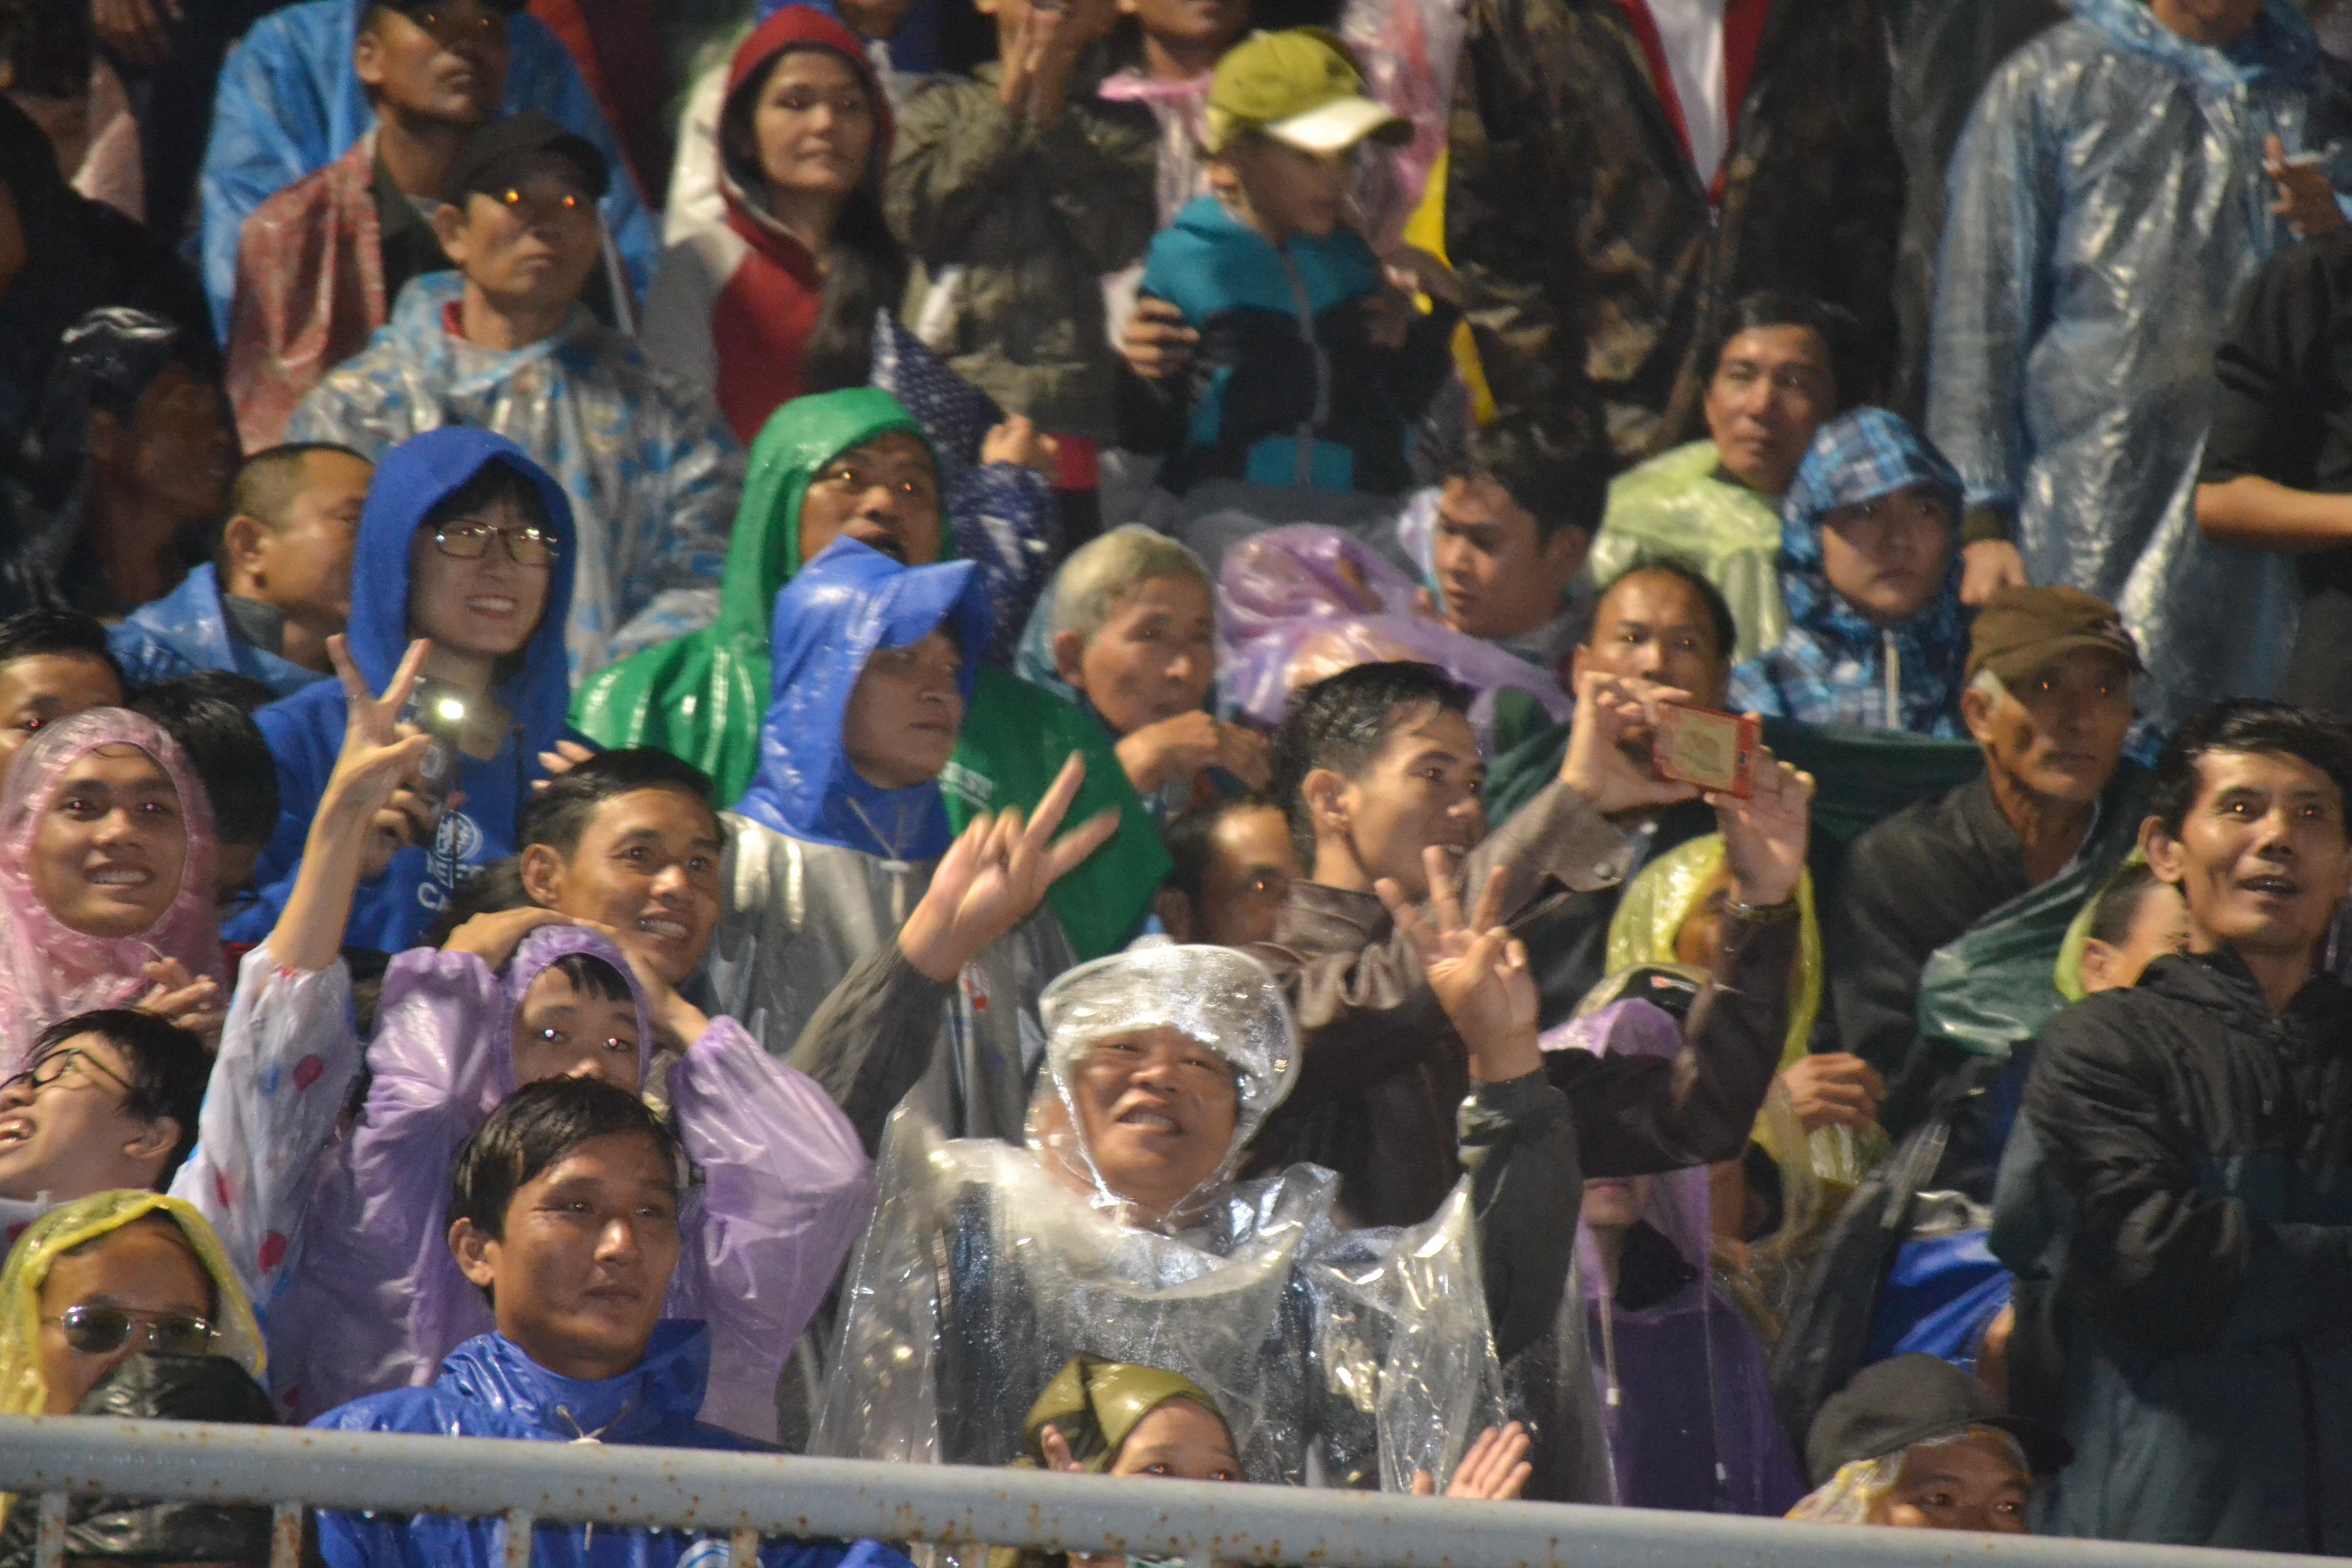 CĐV Quảng Nam đội mưa chia vui cùng đội nhà Ảnh: Lê Trung